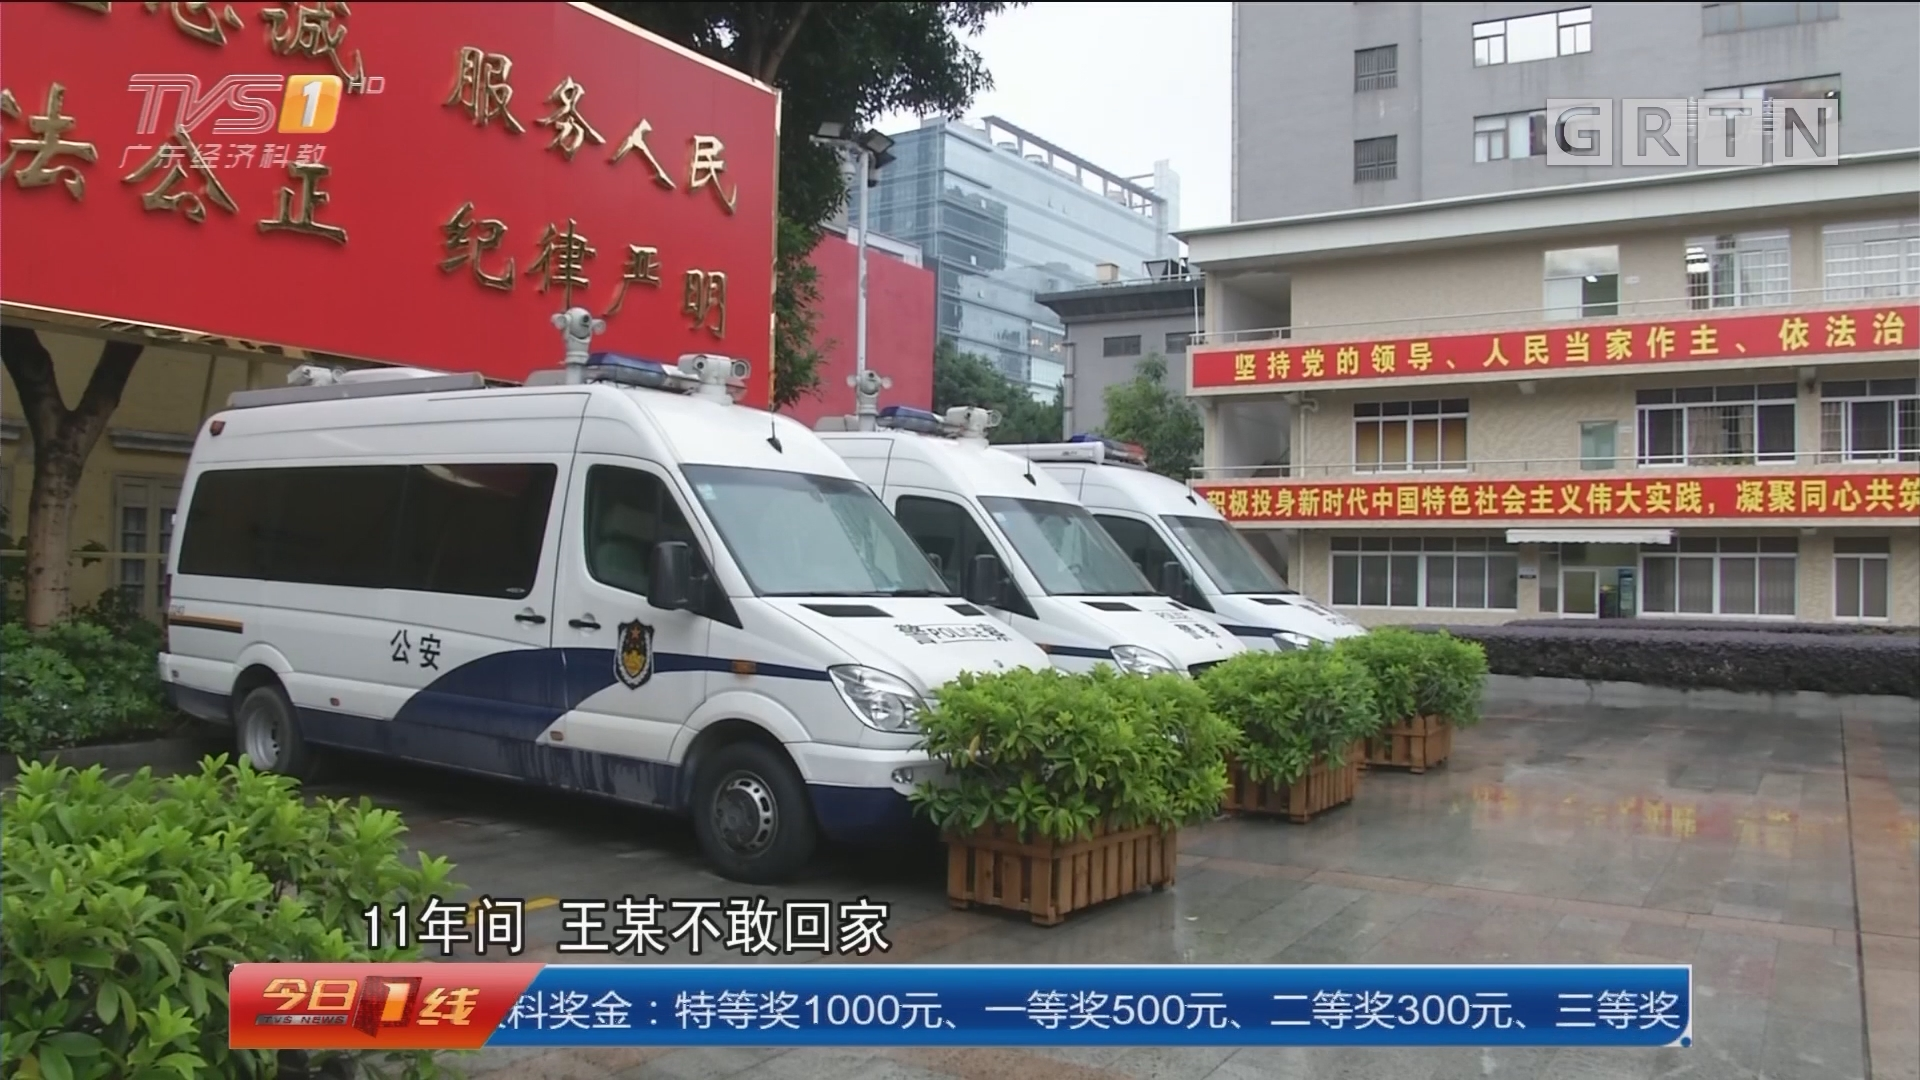 广州:南沙公安侦办首宗命案 11年后终告破